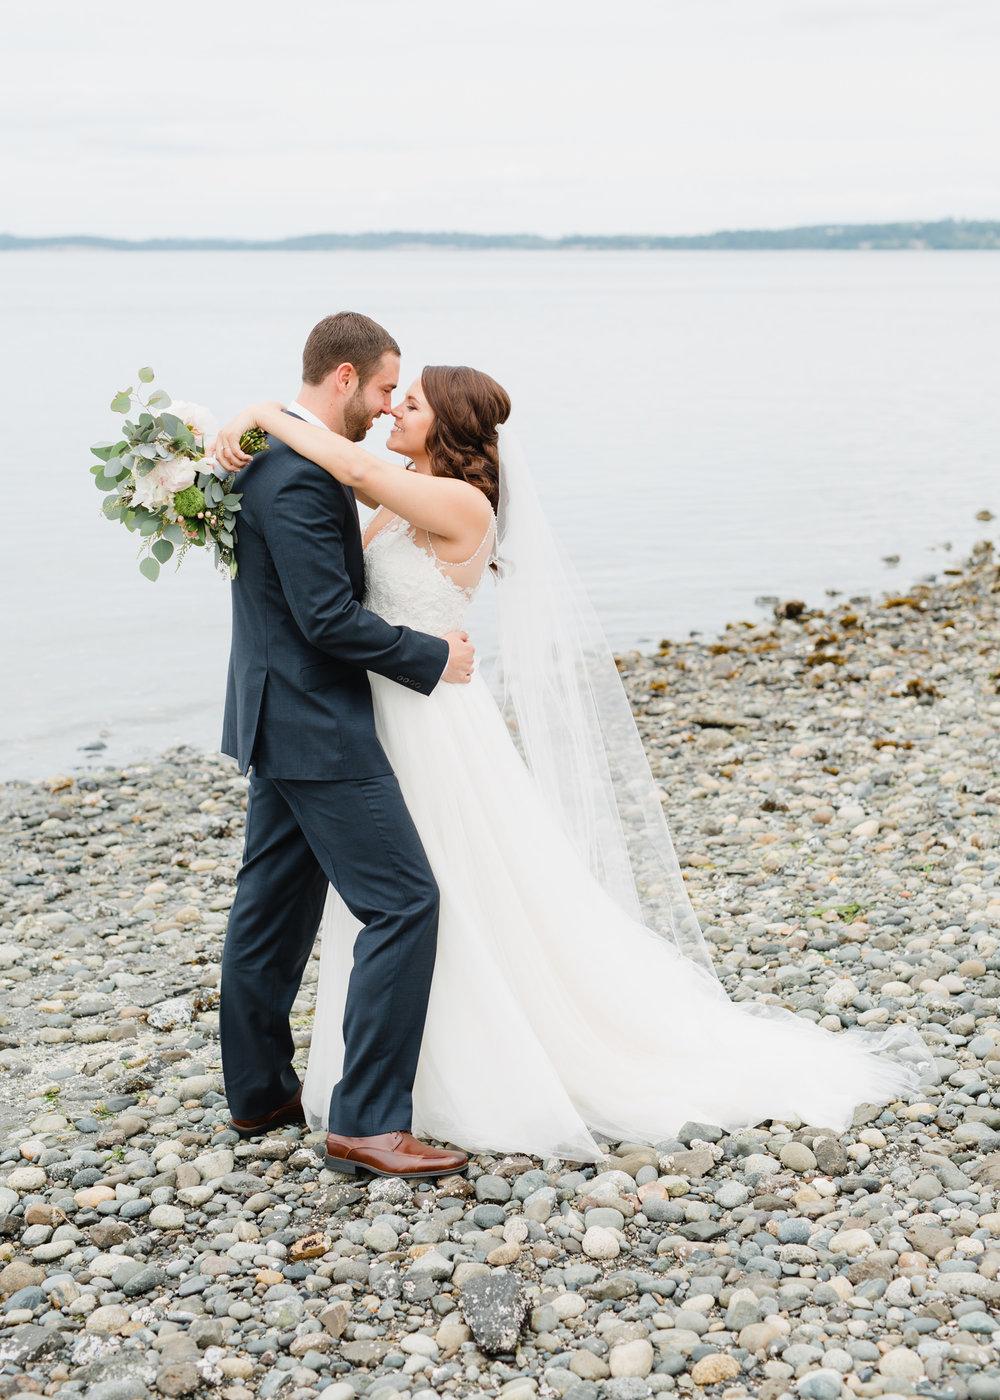 cameron-zegers-wedding-photographer-seattle-port-gamble-1.jpg